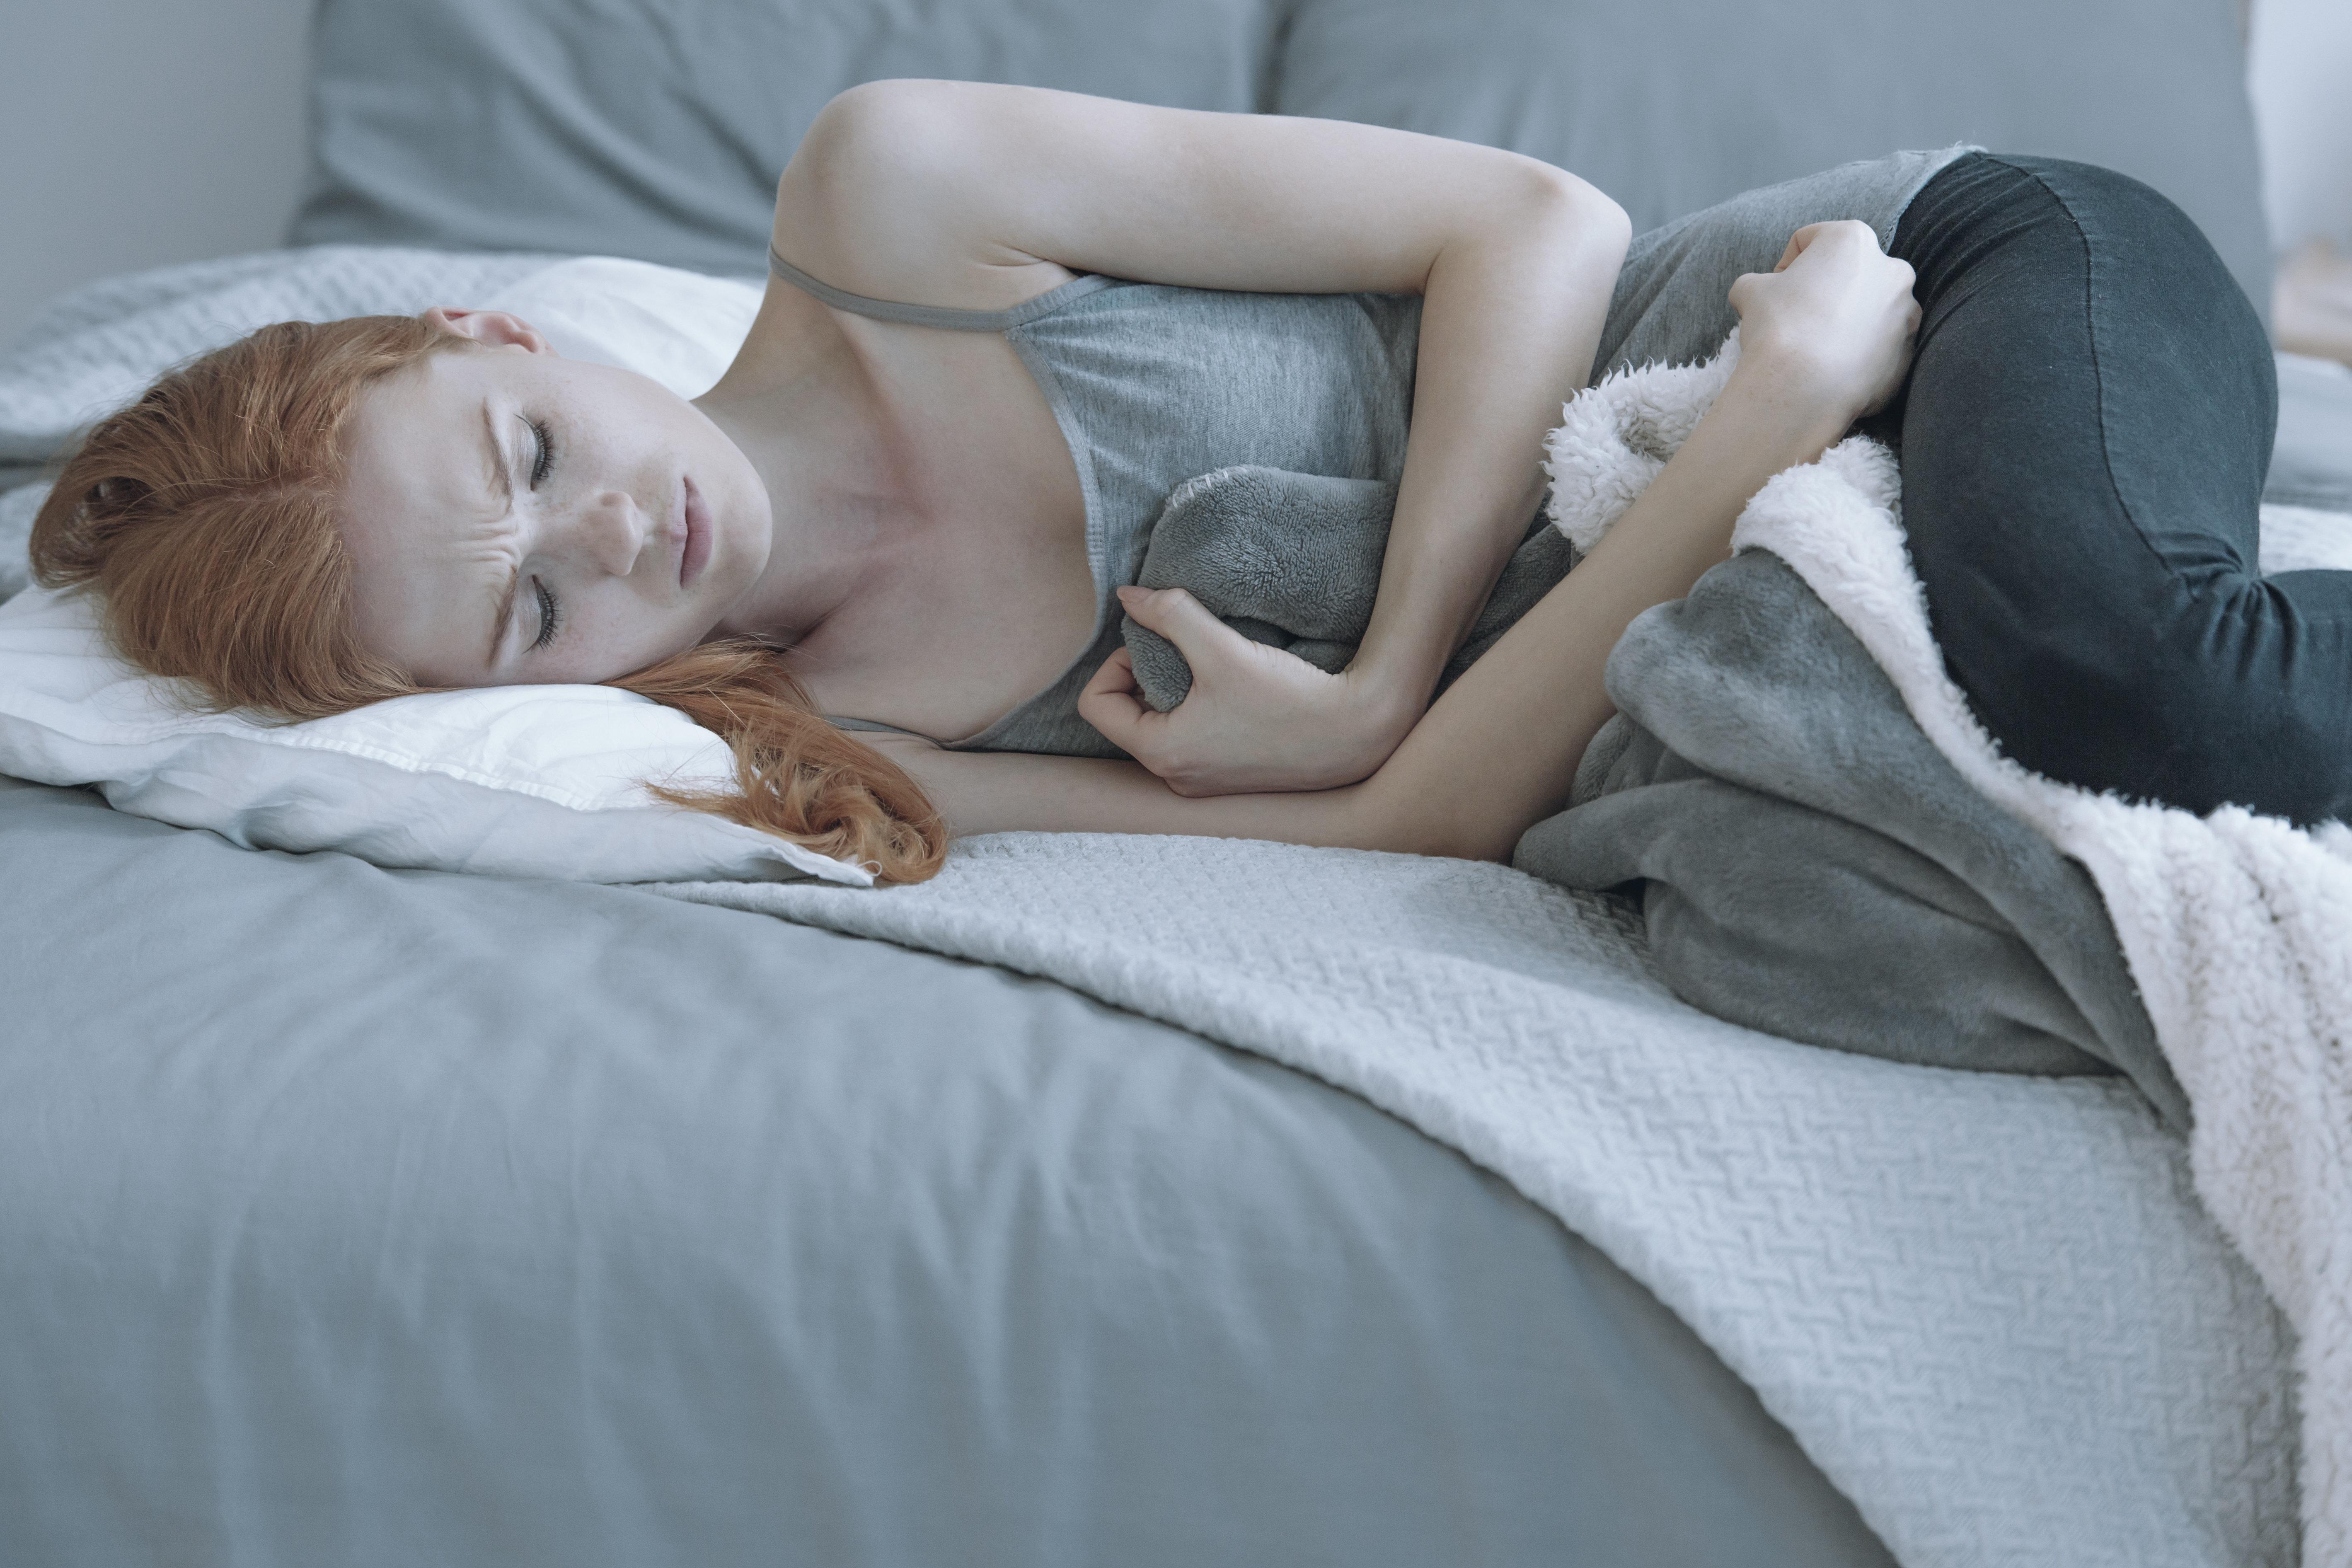 Αυτό που συμβαίνει στον εγκέφαλό μας όταν κοιμόμαστε δεν το λες και